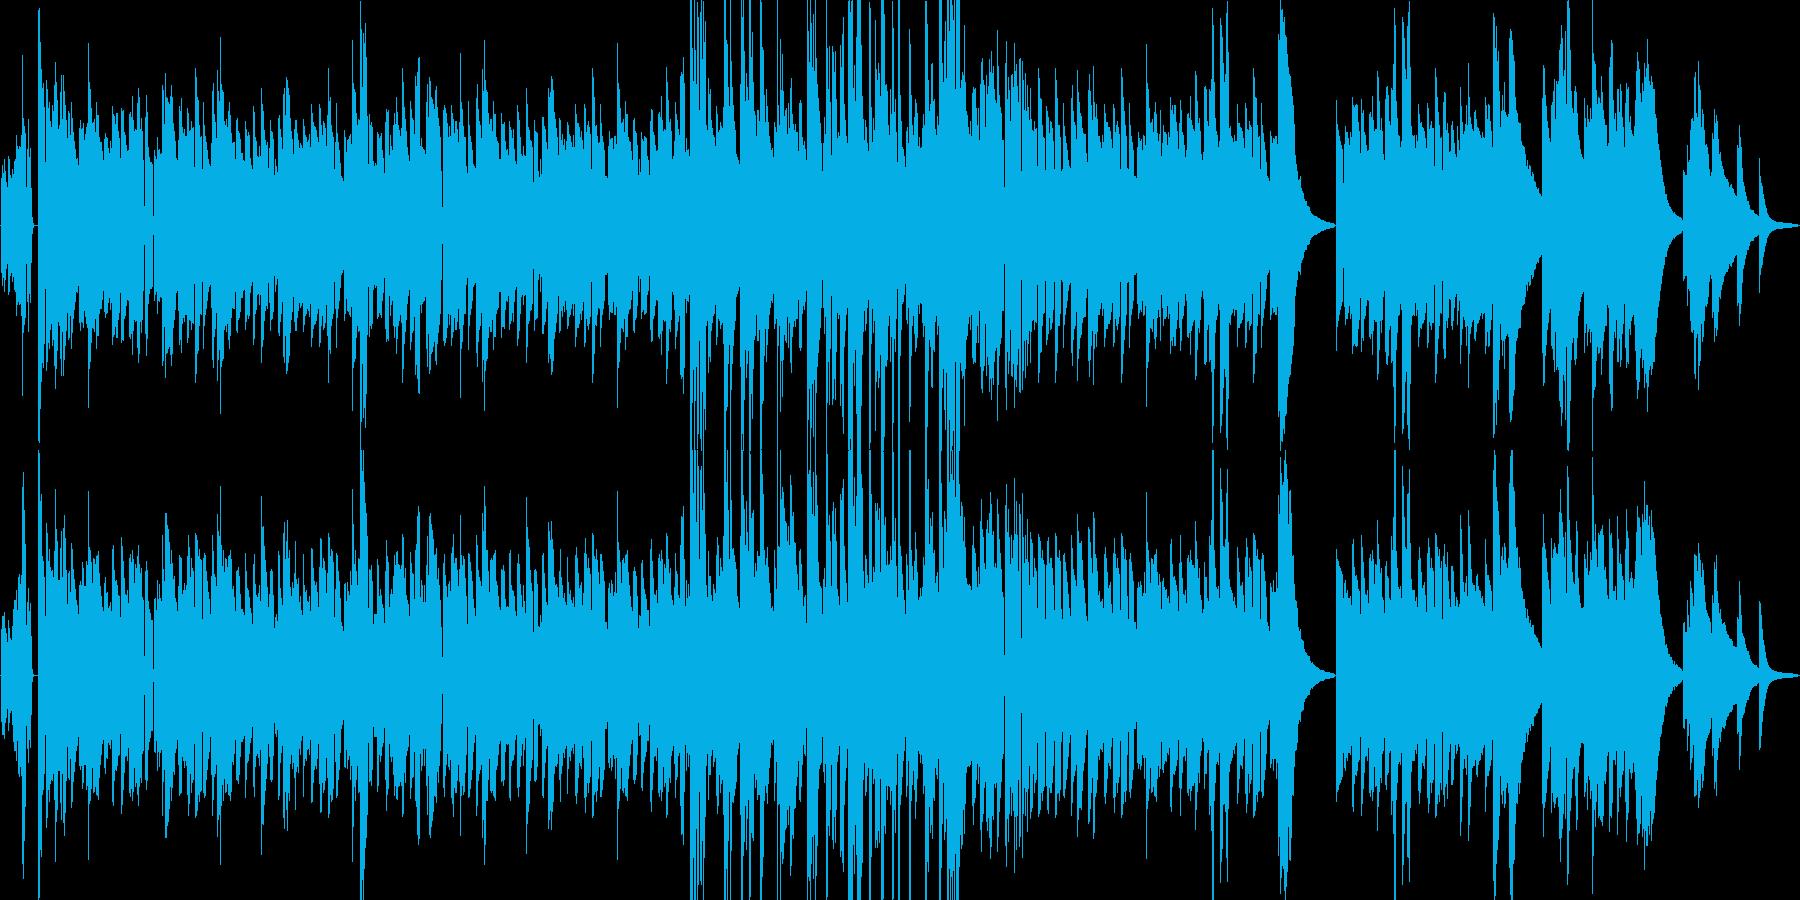 オシャレなブルース ビンテージピアノ曲の再生済みの波形